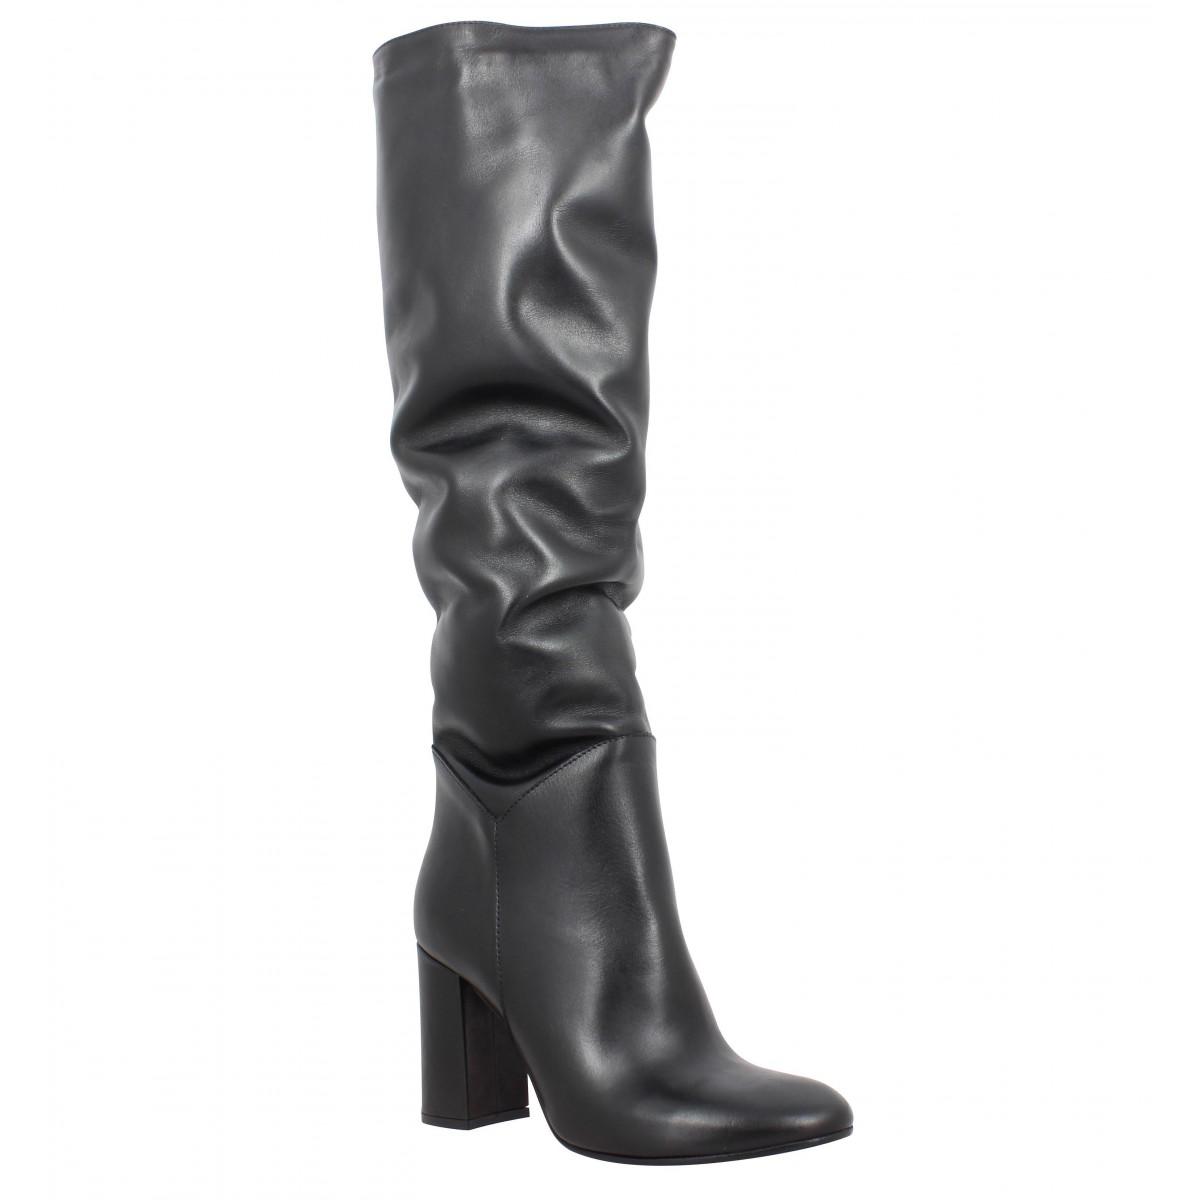 Bottes IMPICCI A09 cuir Femme Noir